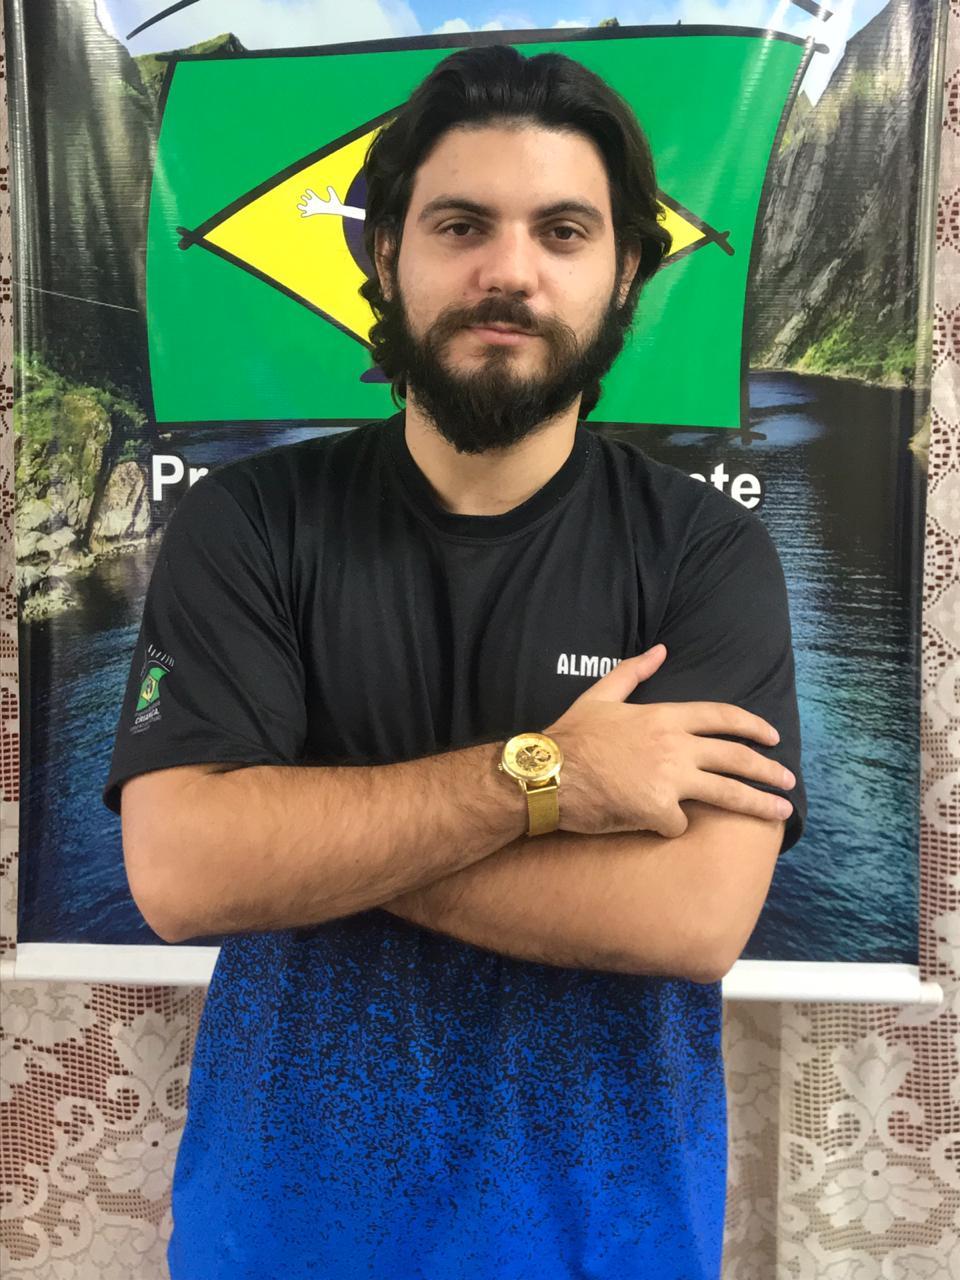 Renan Antunes Prado